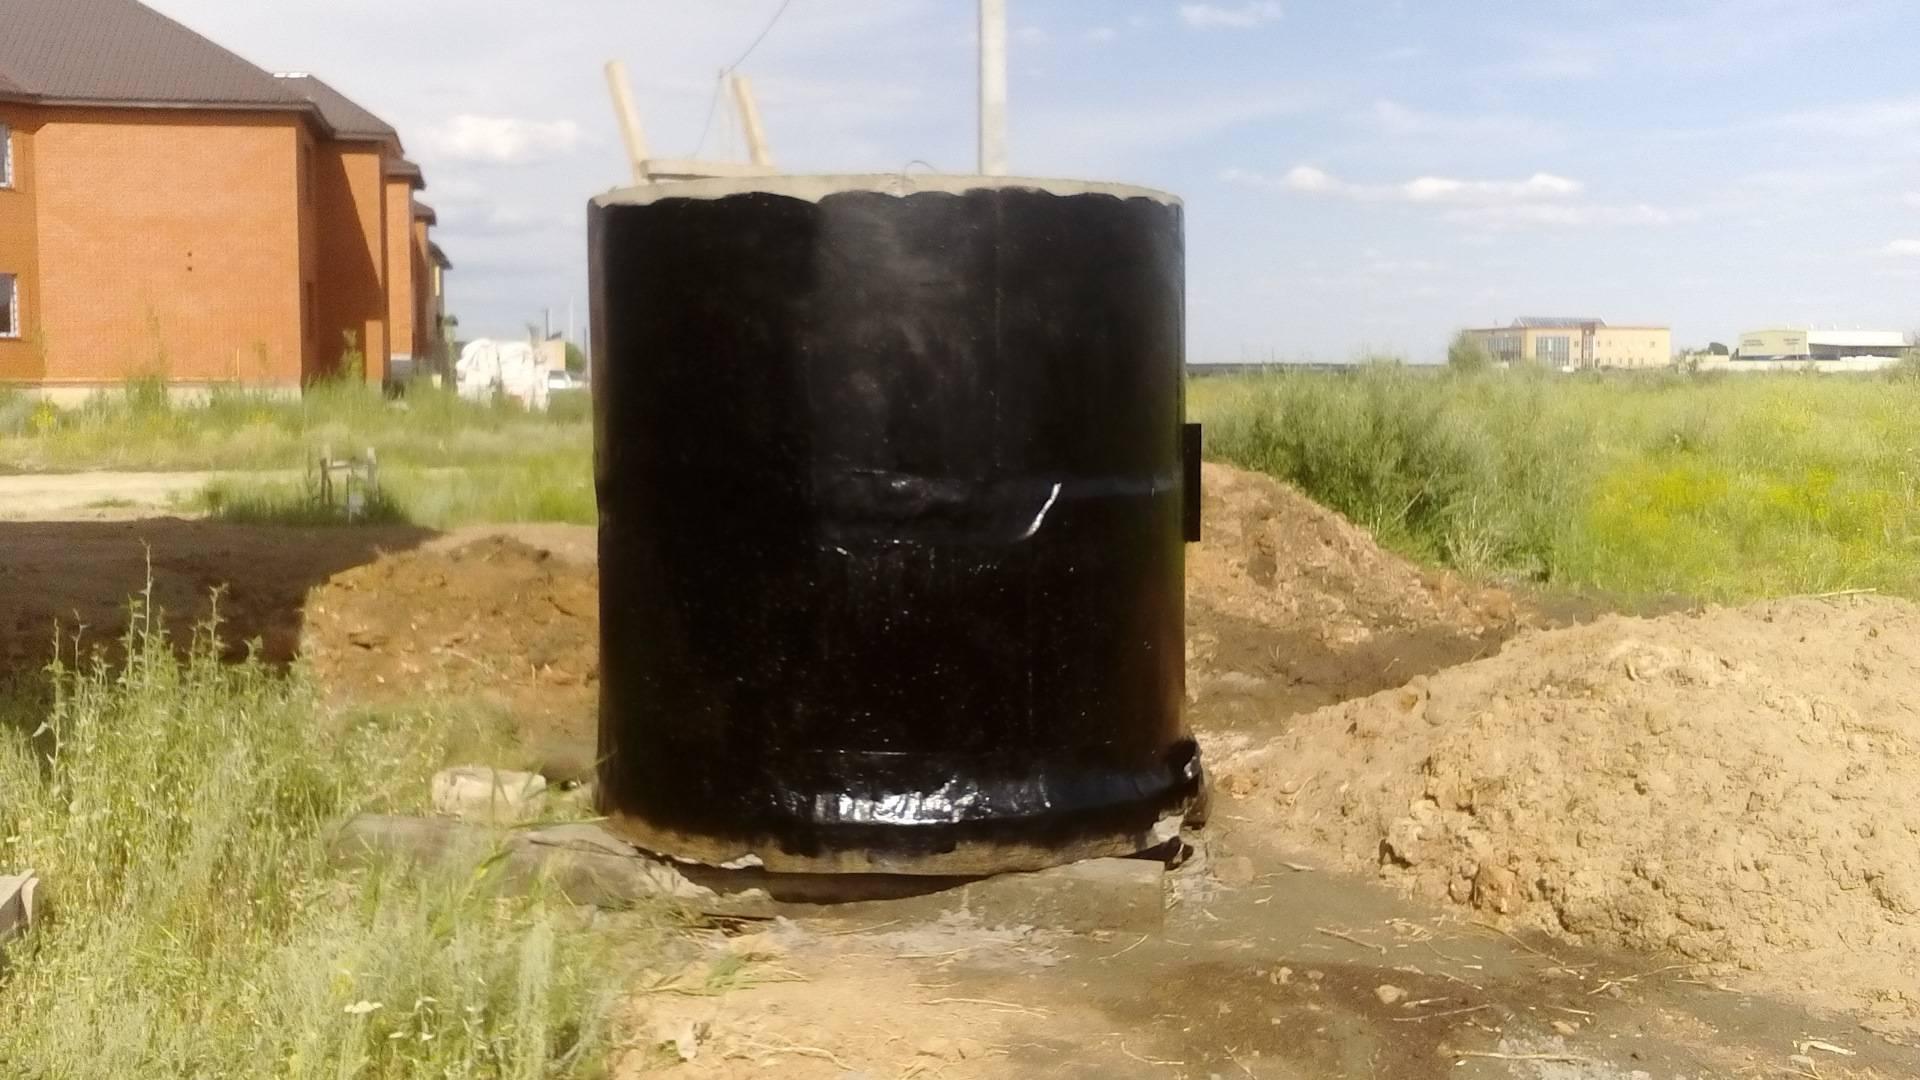 Как построить септик своими руками для частного дома с высоким уровнем грунтовых вод – zelenj.ru – все про садоводство, земледелие, фермерство и птицеводство